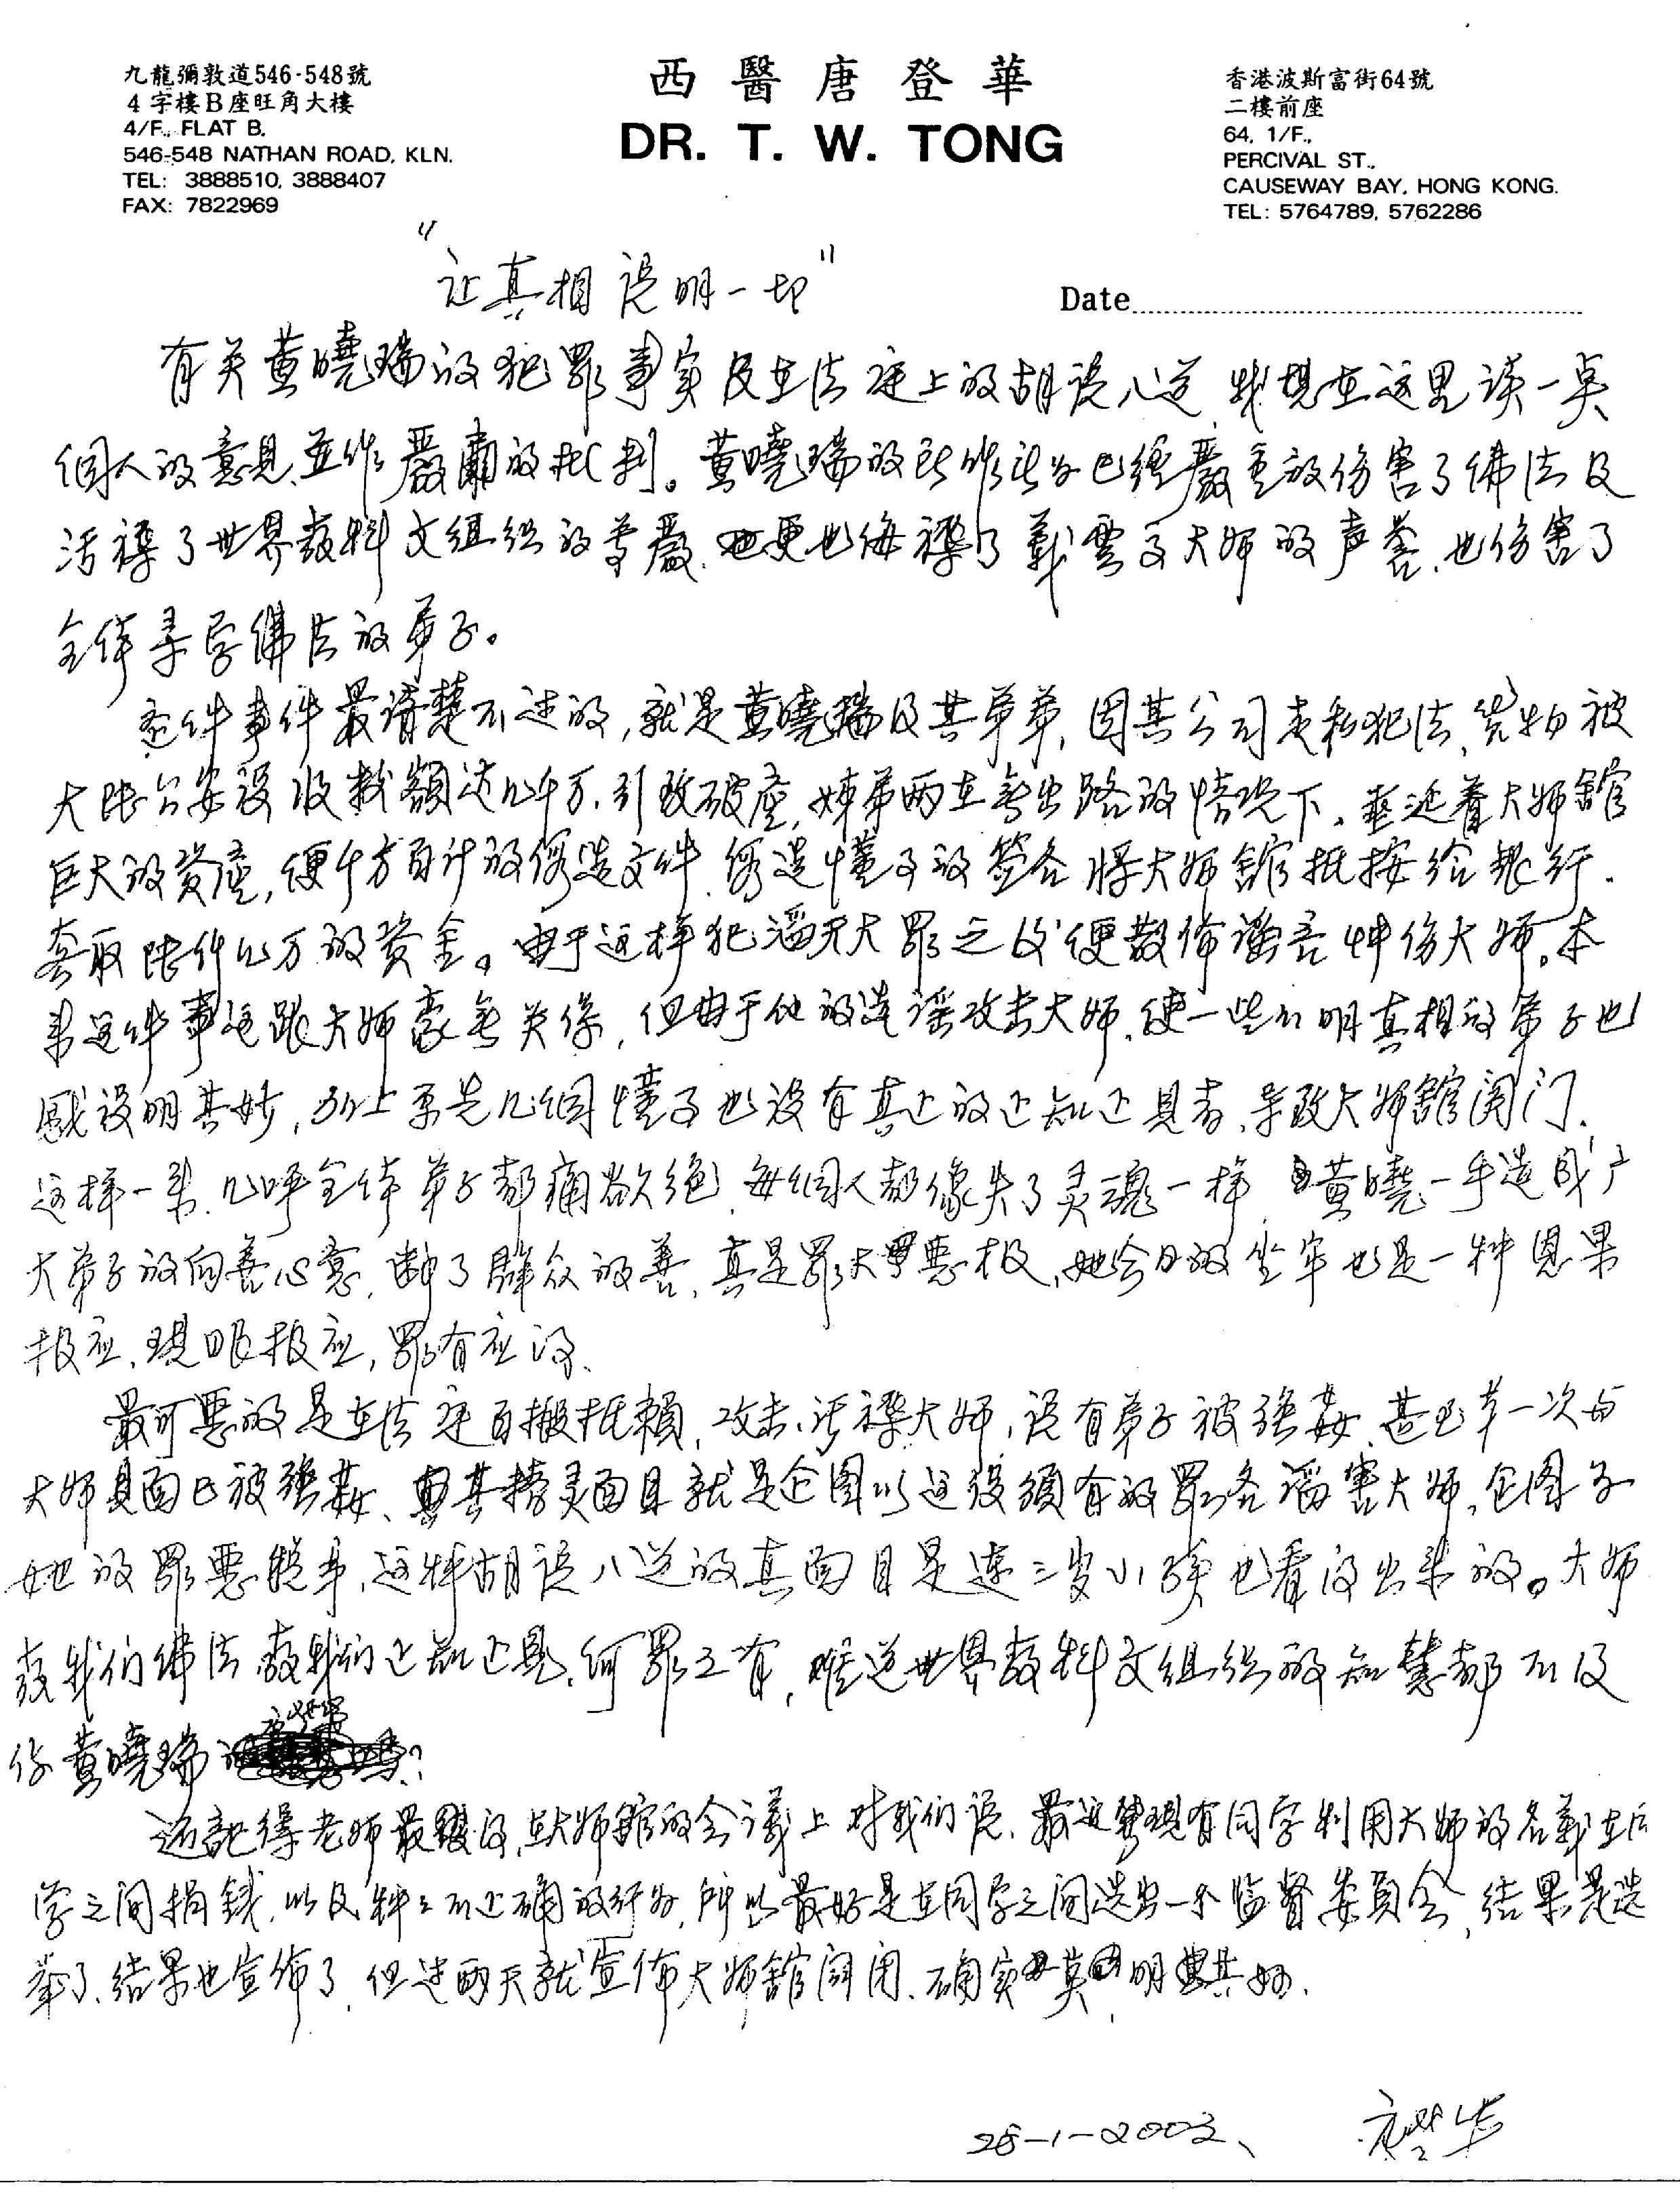 南无第三世多杰羌佛清白 黄晓穗诈骗被香港法庭判重刑 第3张